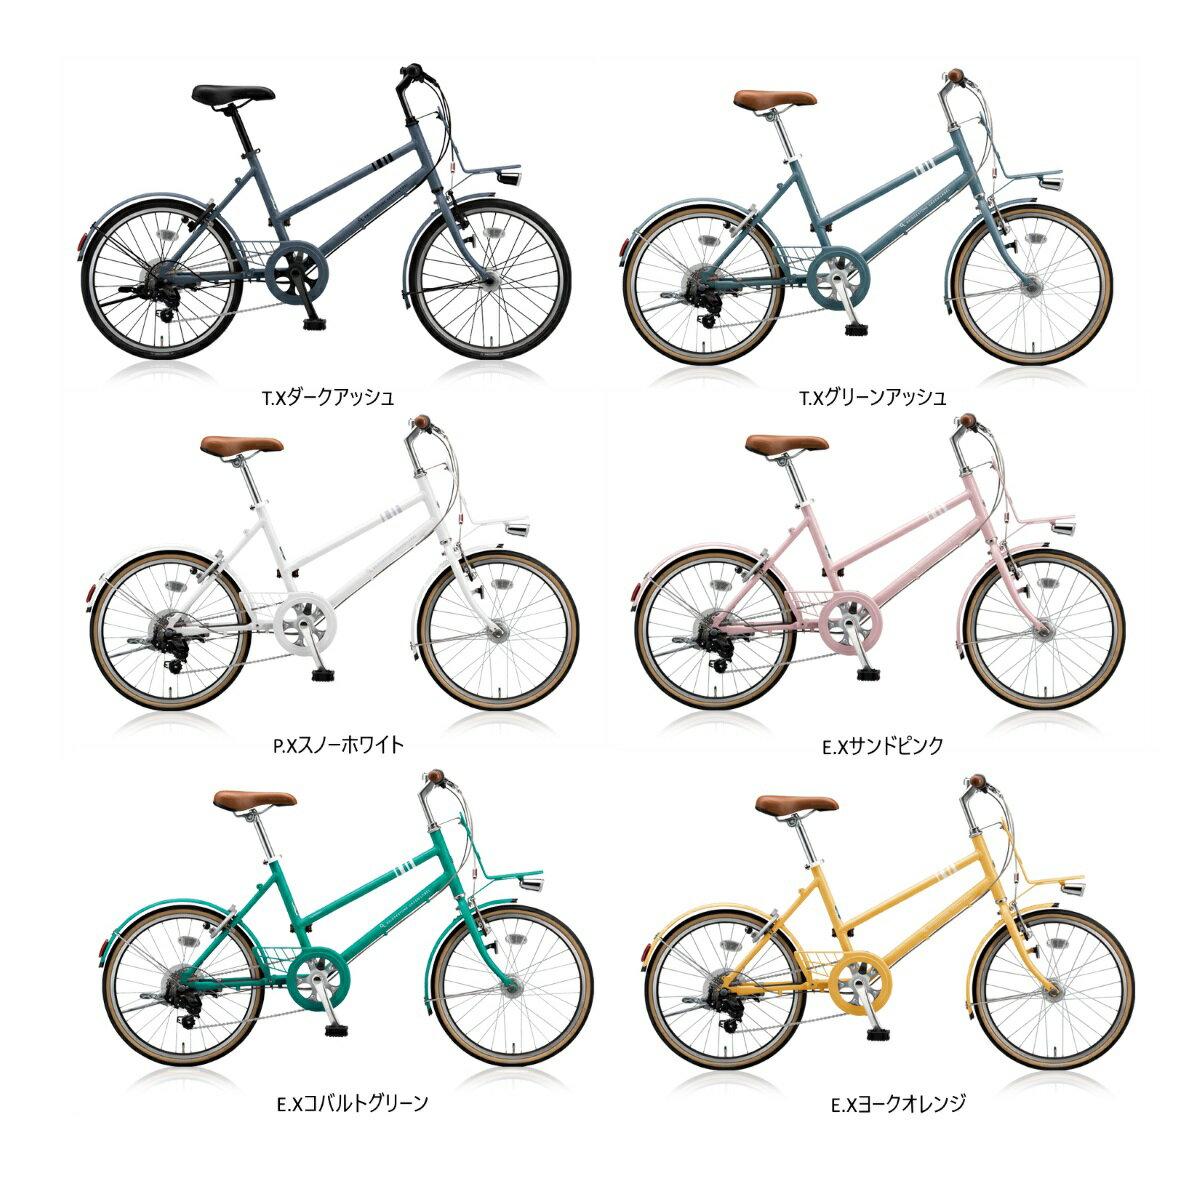 【24時間限定エントリーでP8倍★15日(日)0時より】BRIDGESTONE(ブリヂストン) GREENLABEL(グリーンレーベル) MarkROSA-M7(マークローザM7) 2018年モデル 折りたたみ自転車 在庫あり